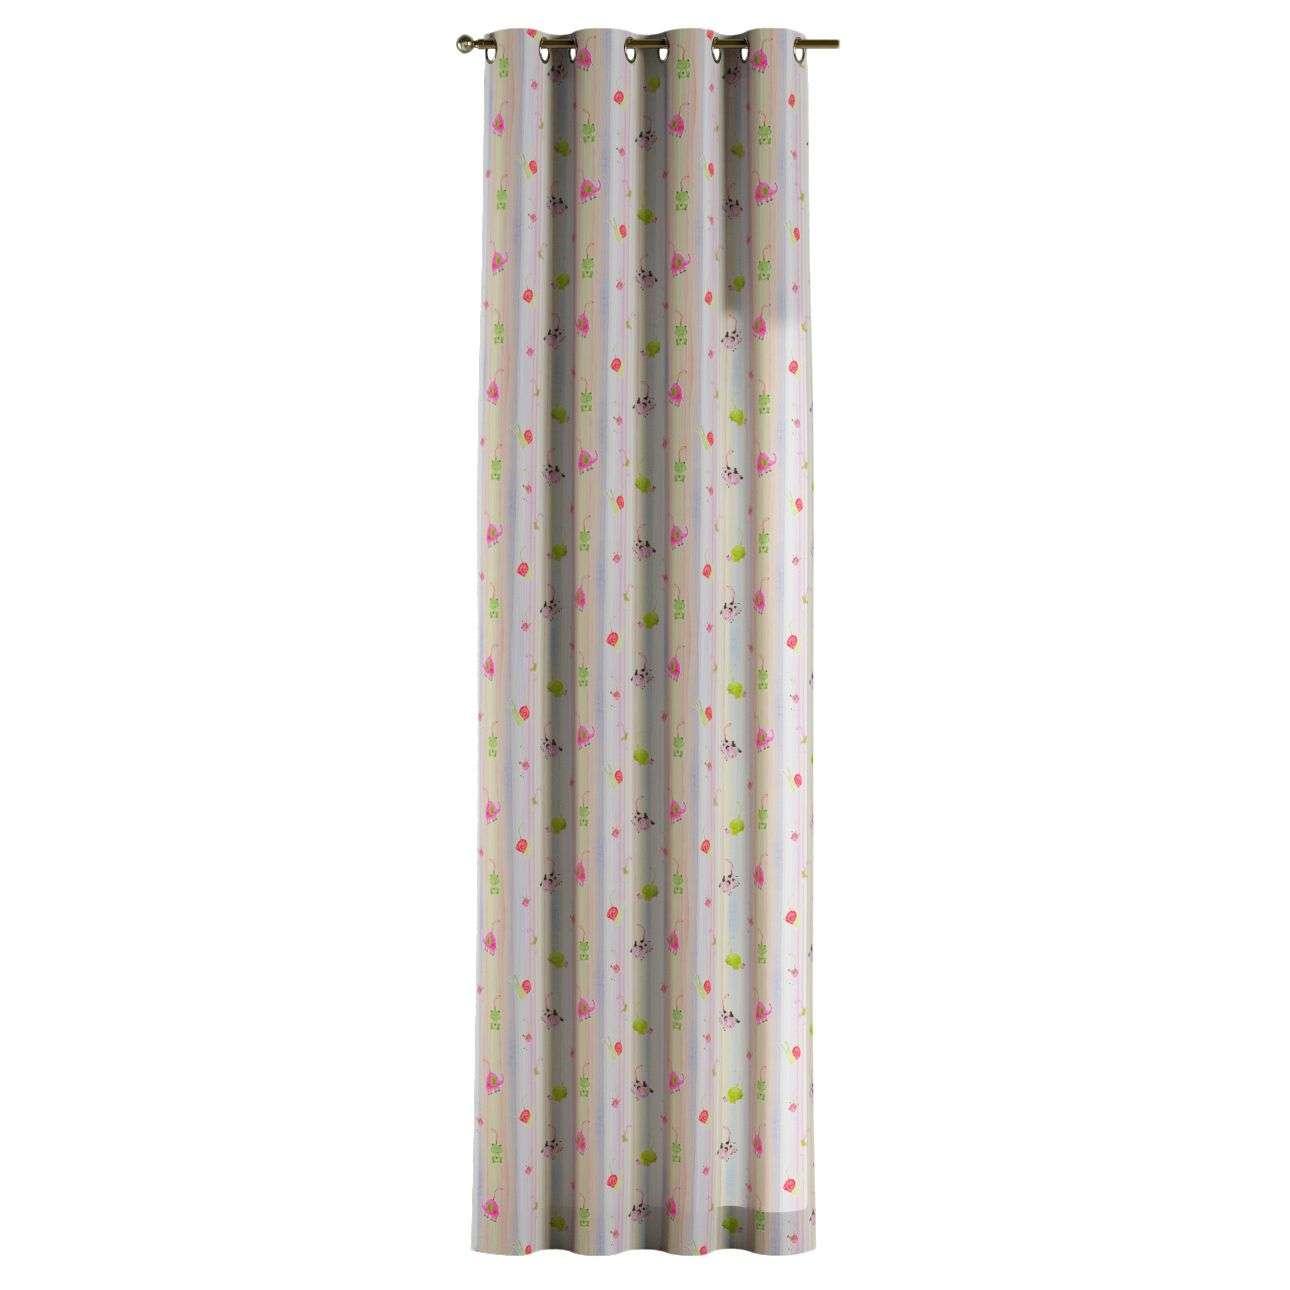 Záves s kolieskami V kolekcii Apanona, tkanina: 151-05